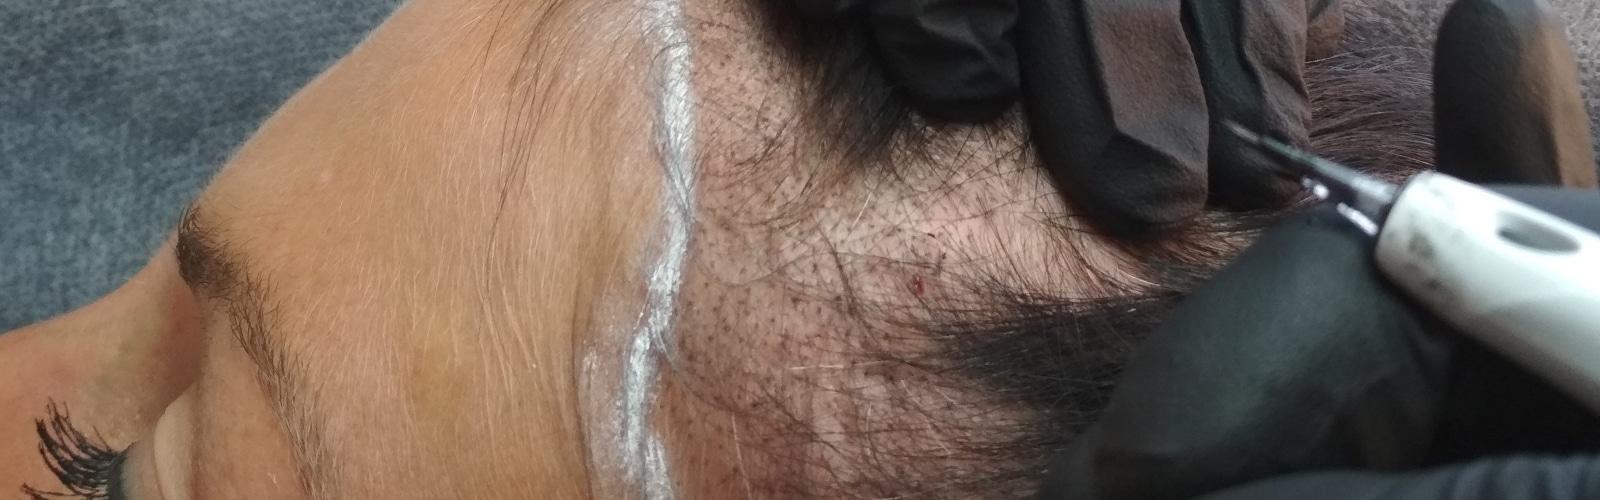 Mikropigmentacja skóry głowy – skuteczny sposób na łysienie